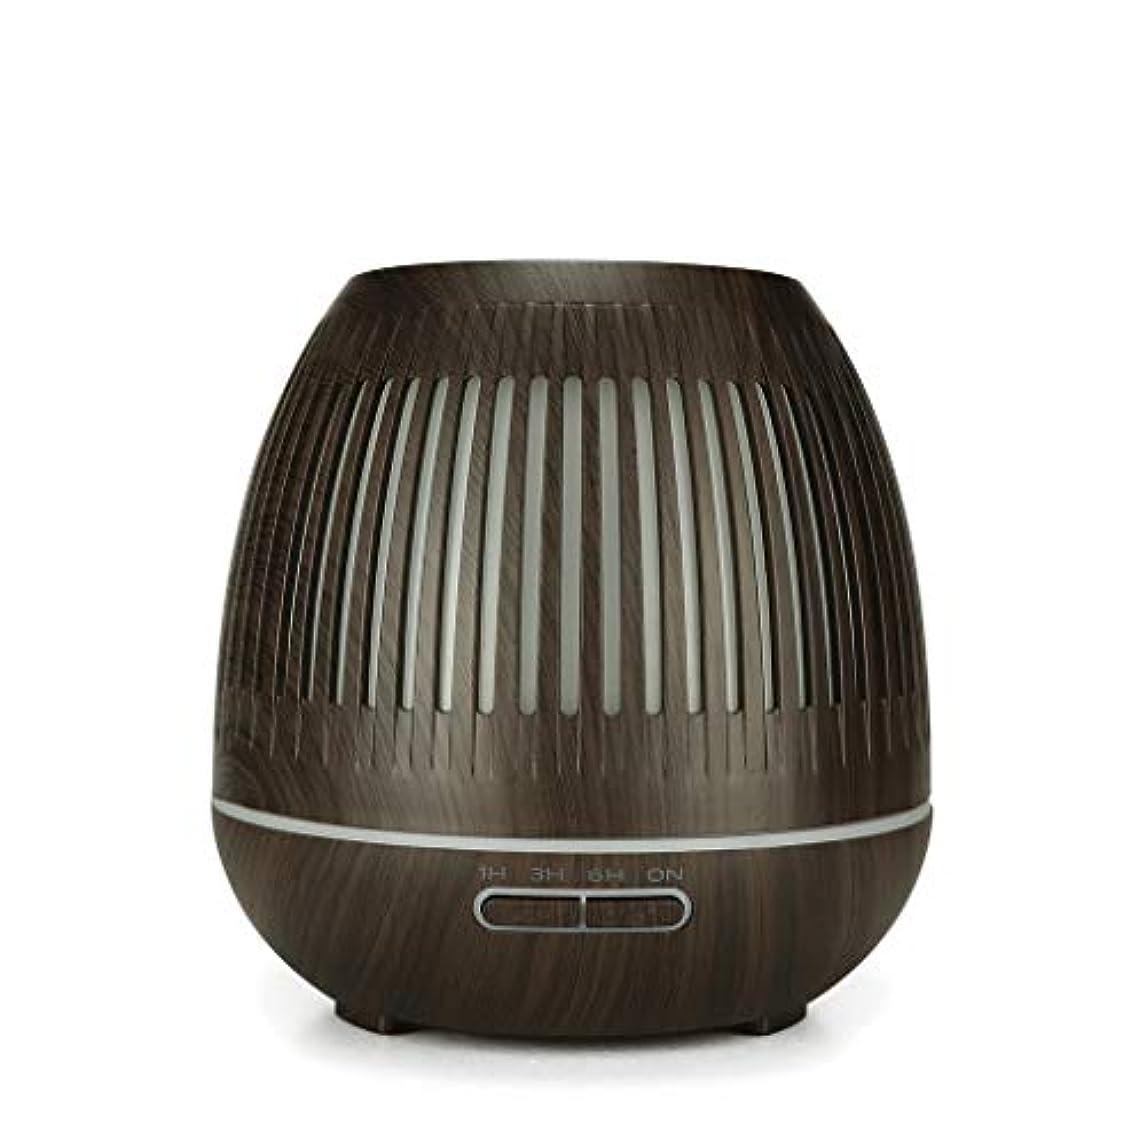 規制ブルームチャールズキージング400ミリリットル超音波クールミスト加湿器付きカラーledライト用ホームヨガオフィススパ寝室ベビールーム - ウッドグレインディフューザー (Color : Dark wood grain)